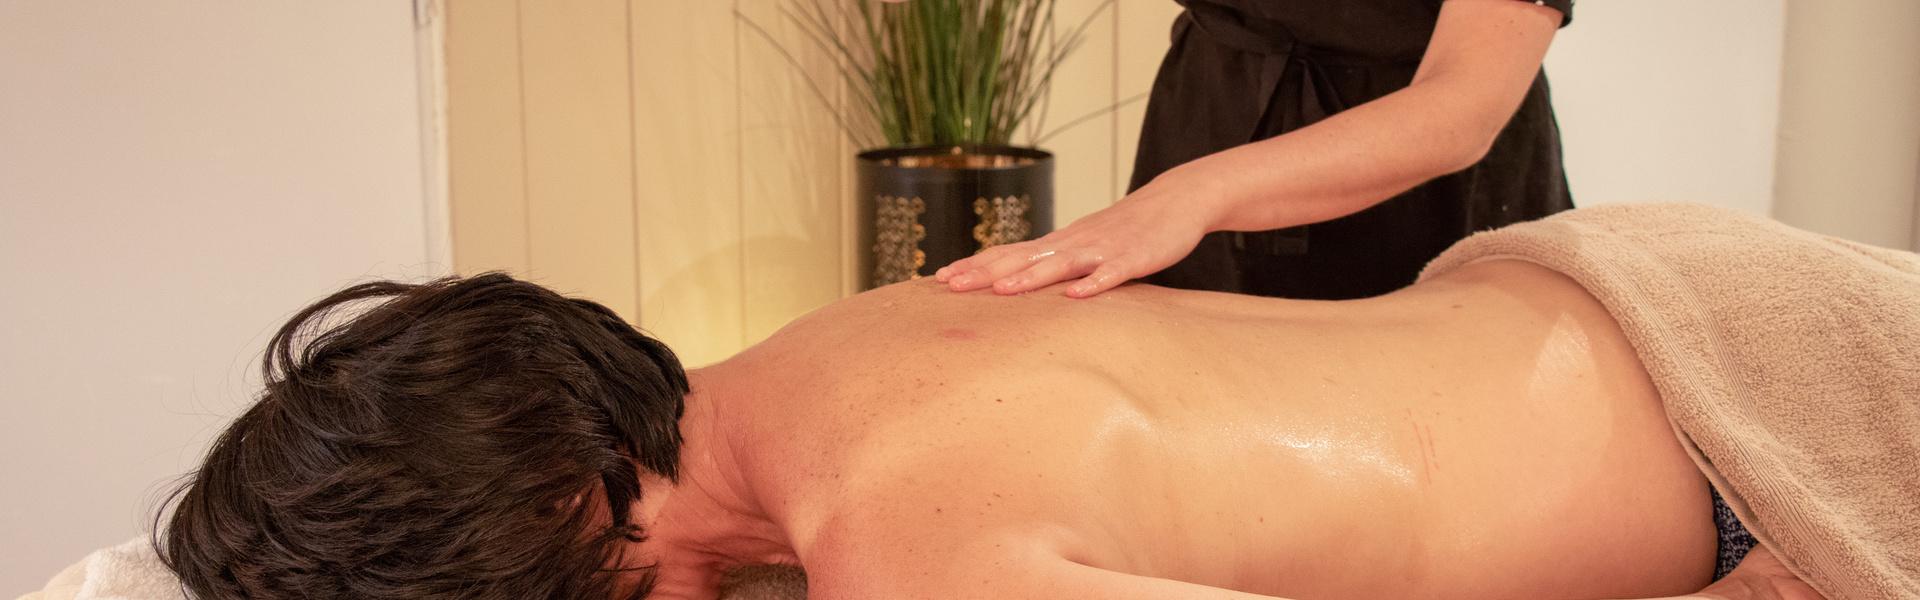 massage chinois lyon